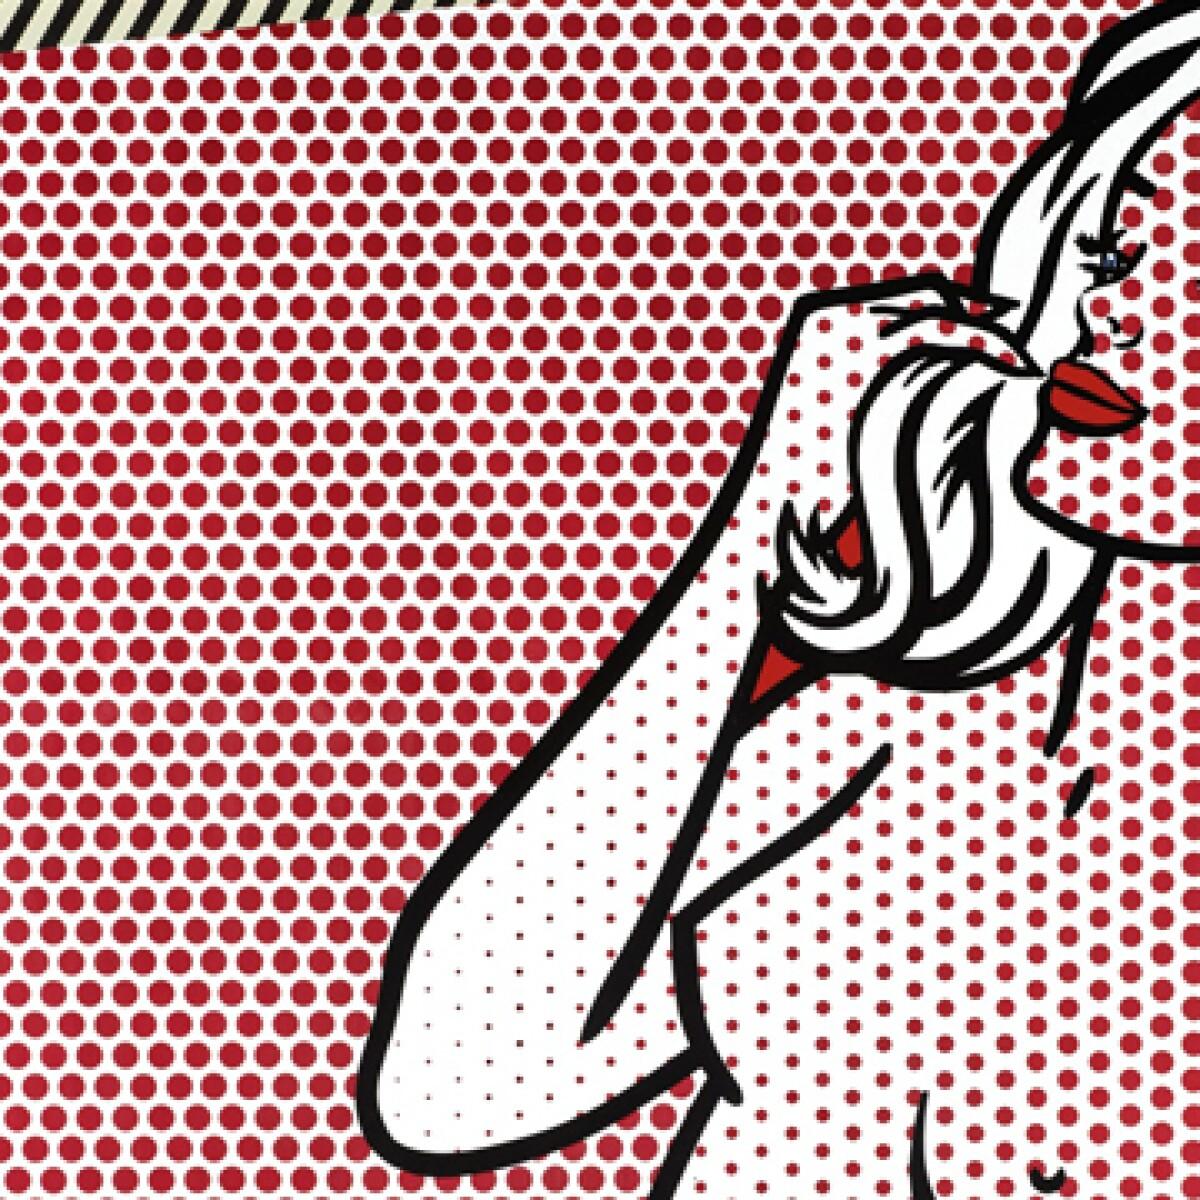 Roy Lichtenstein's Bewitching Seductress